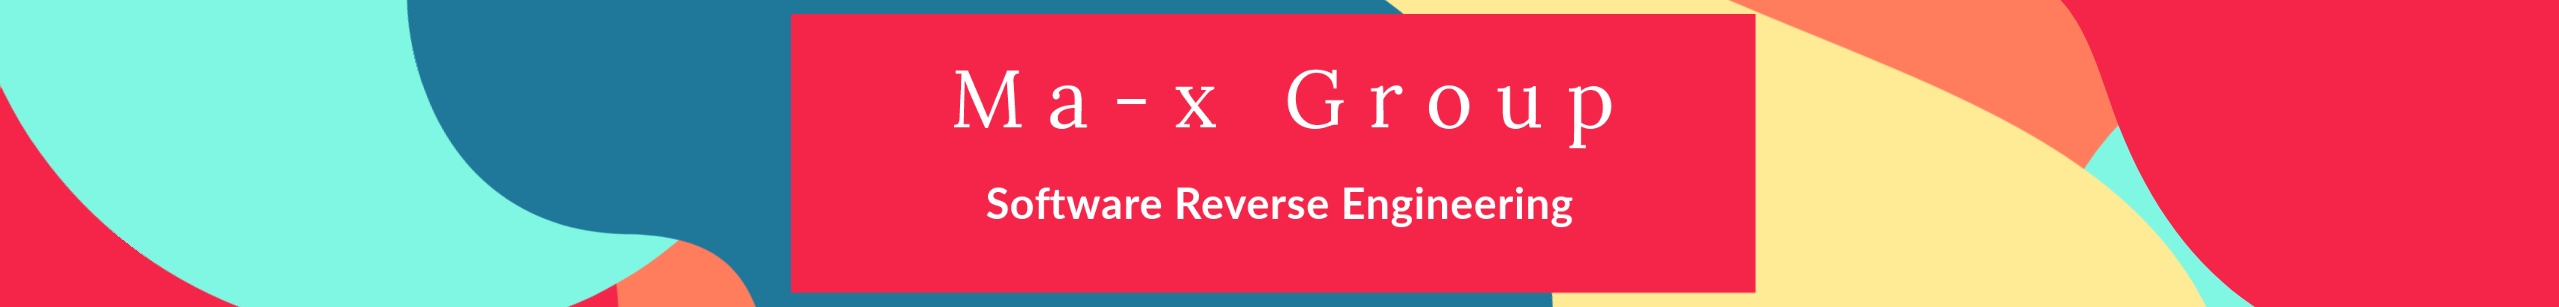 Ma-x Group